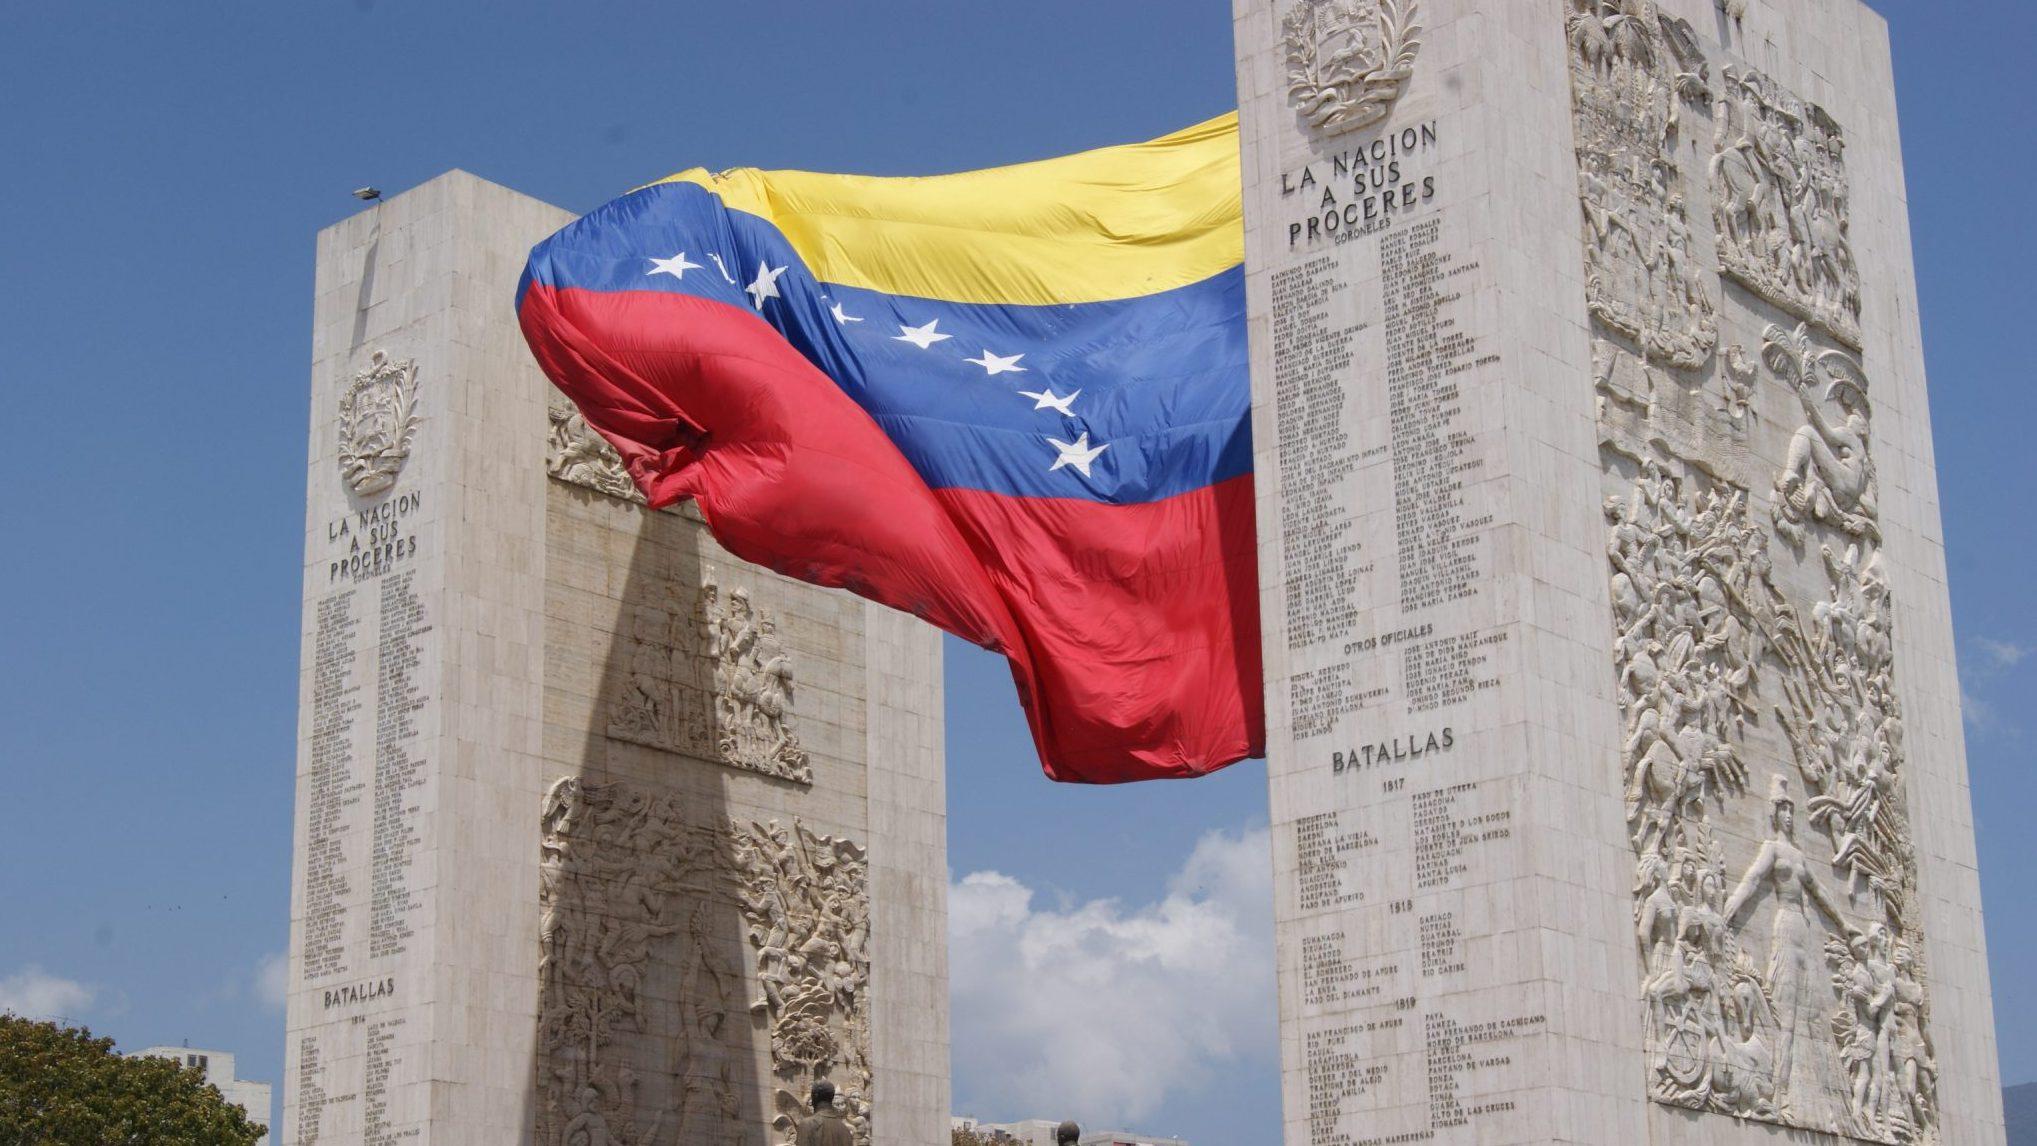 IMAGEM: A mentira bolivariana no fundo do poço